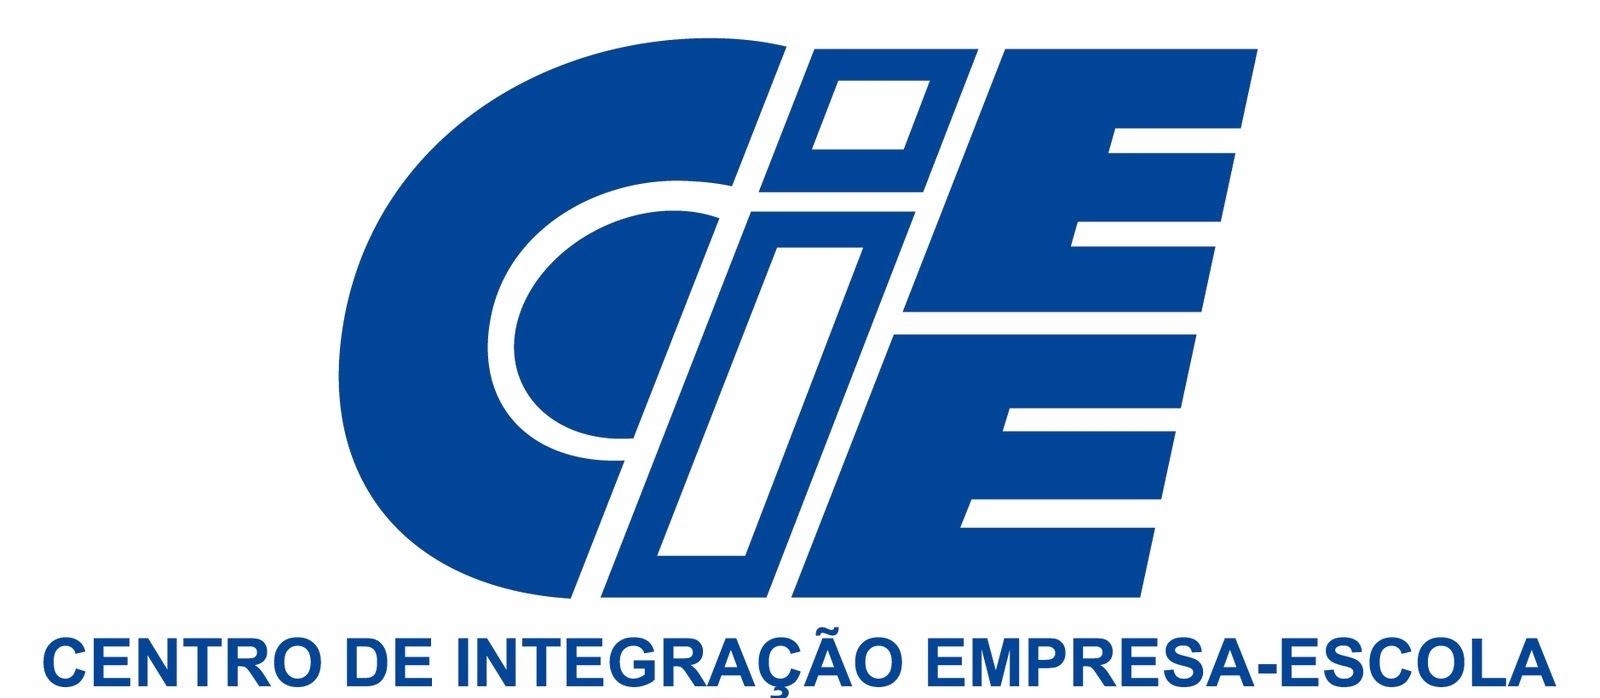 CIEE abre mais de 36 mil vagas de estágio no Brasil